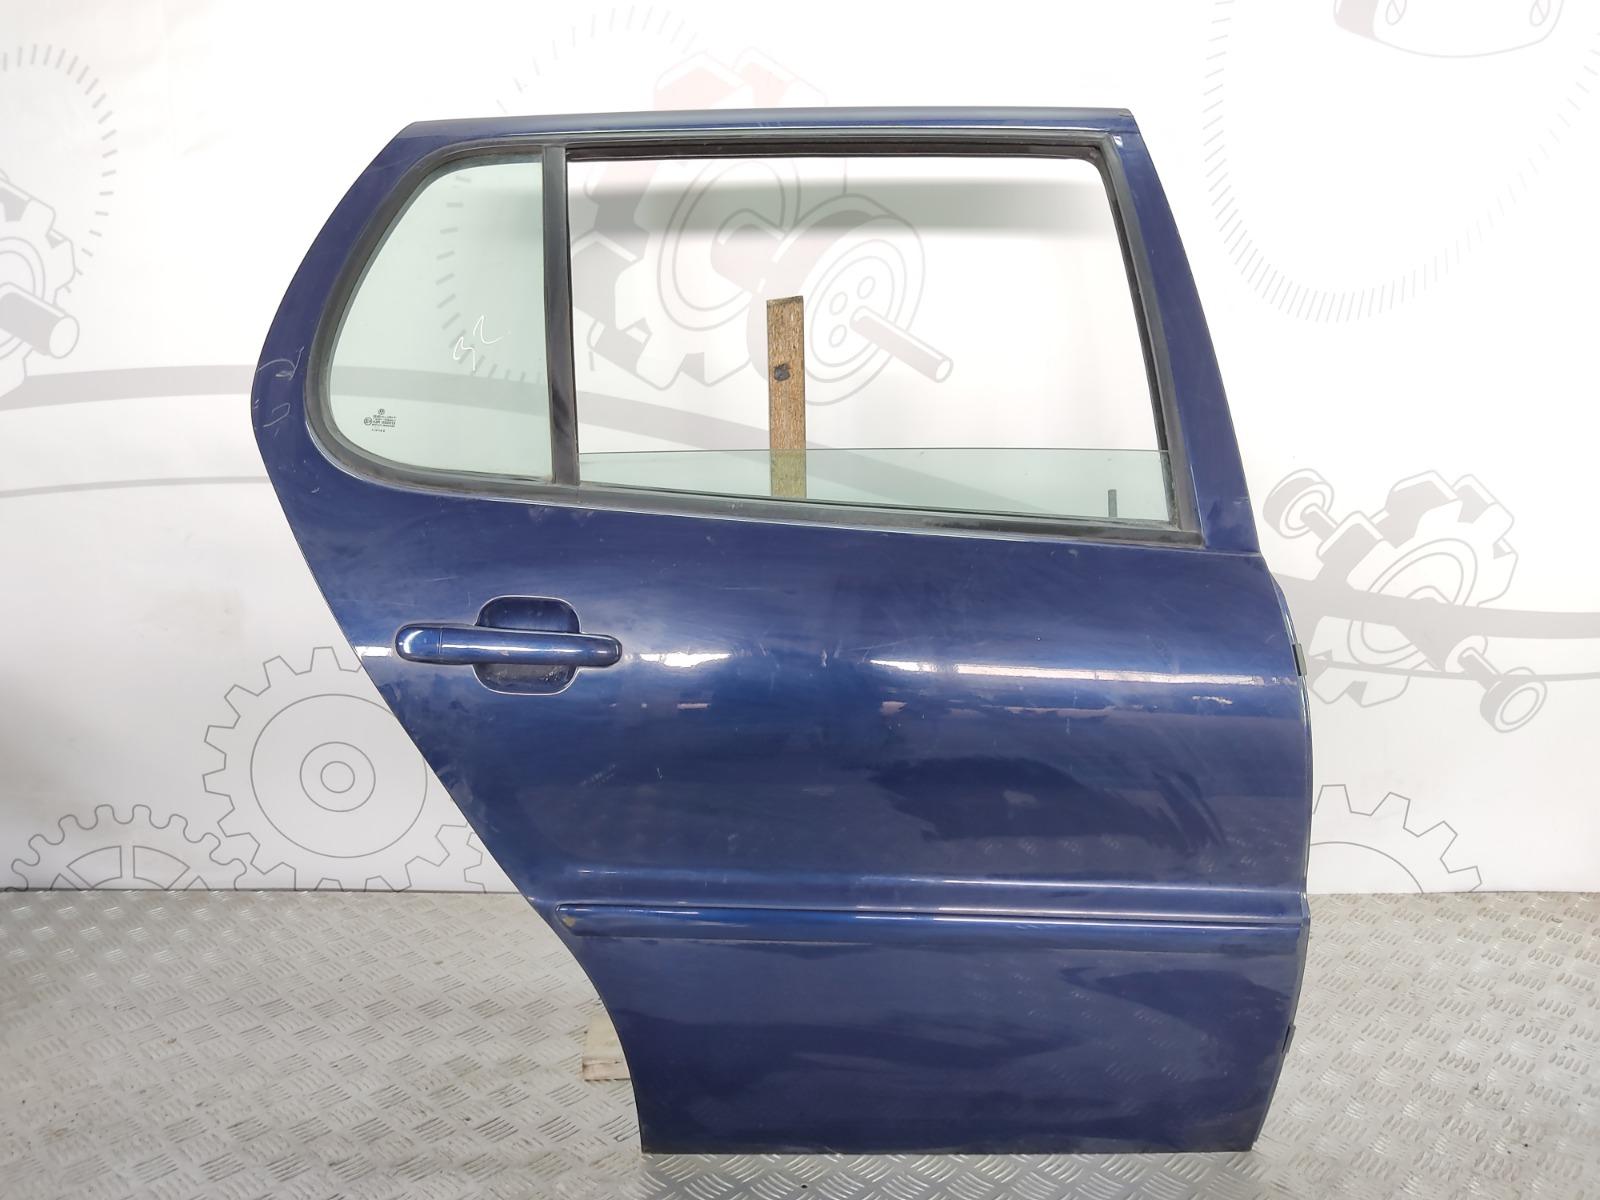 Дверь задняя правая Volkswagen Polo 1.4 MPI 2001 (б/у)